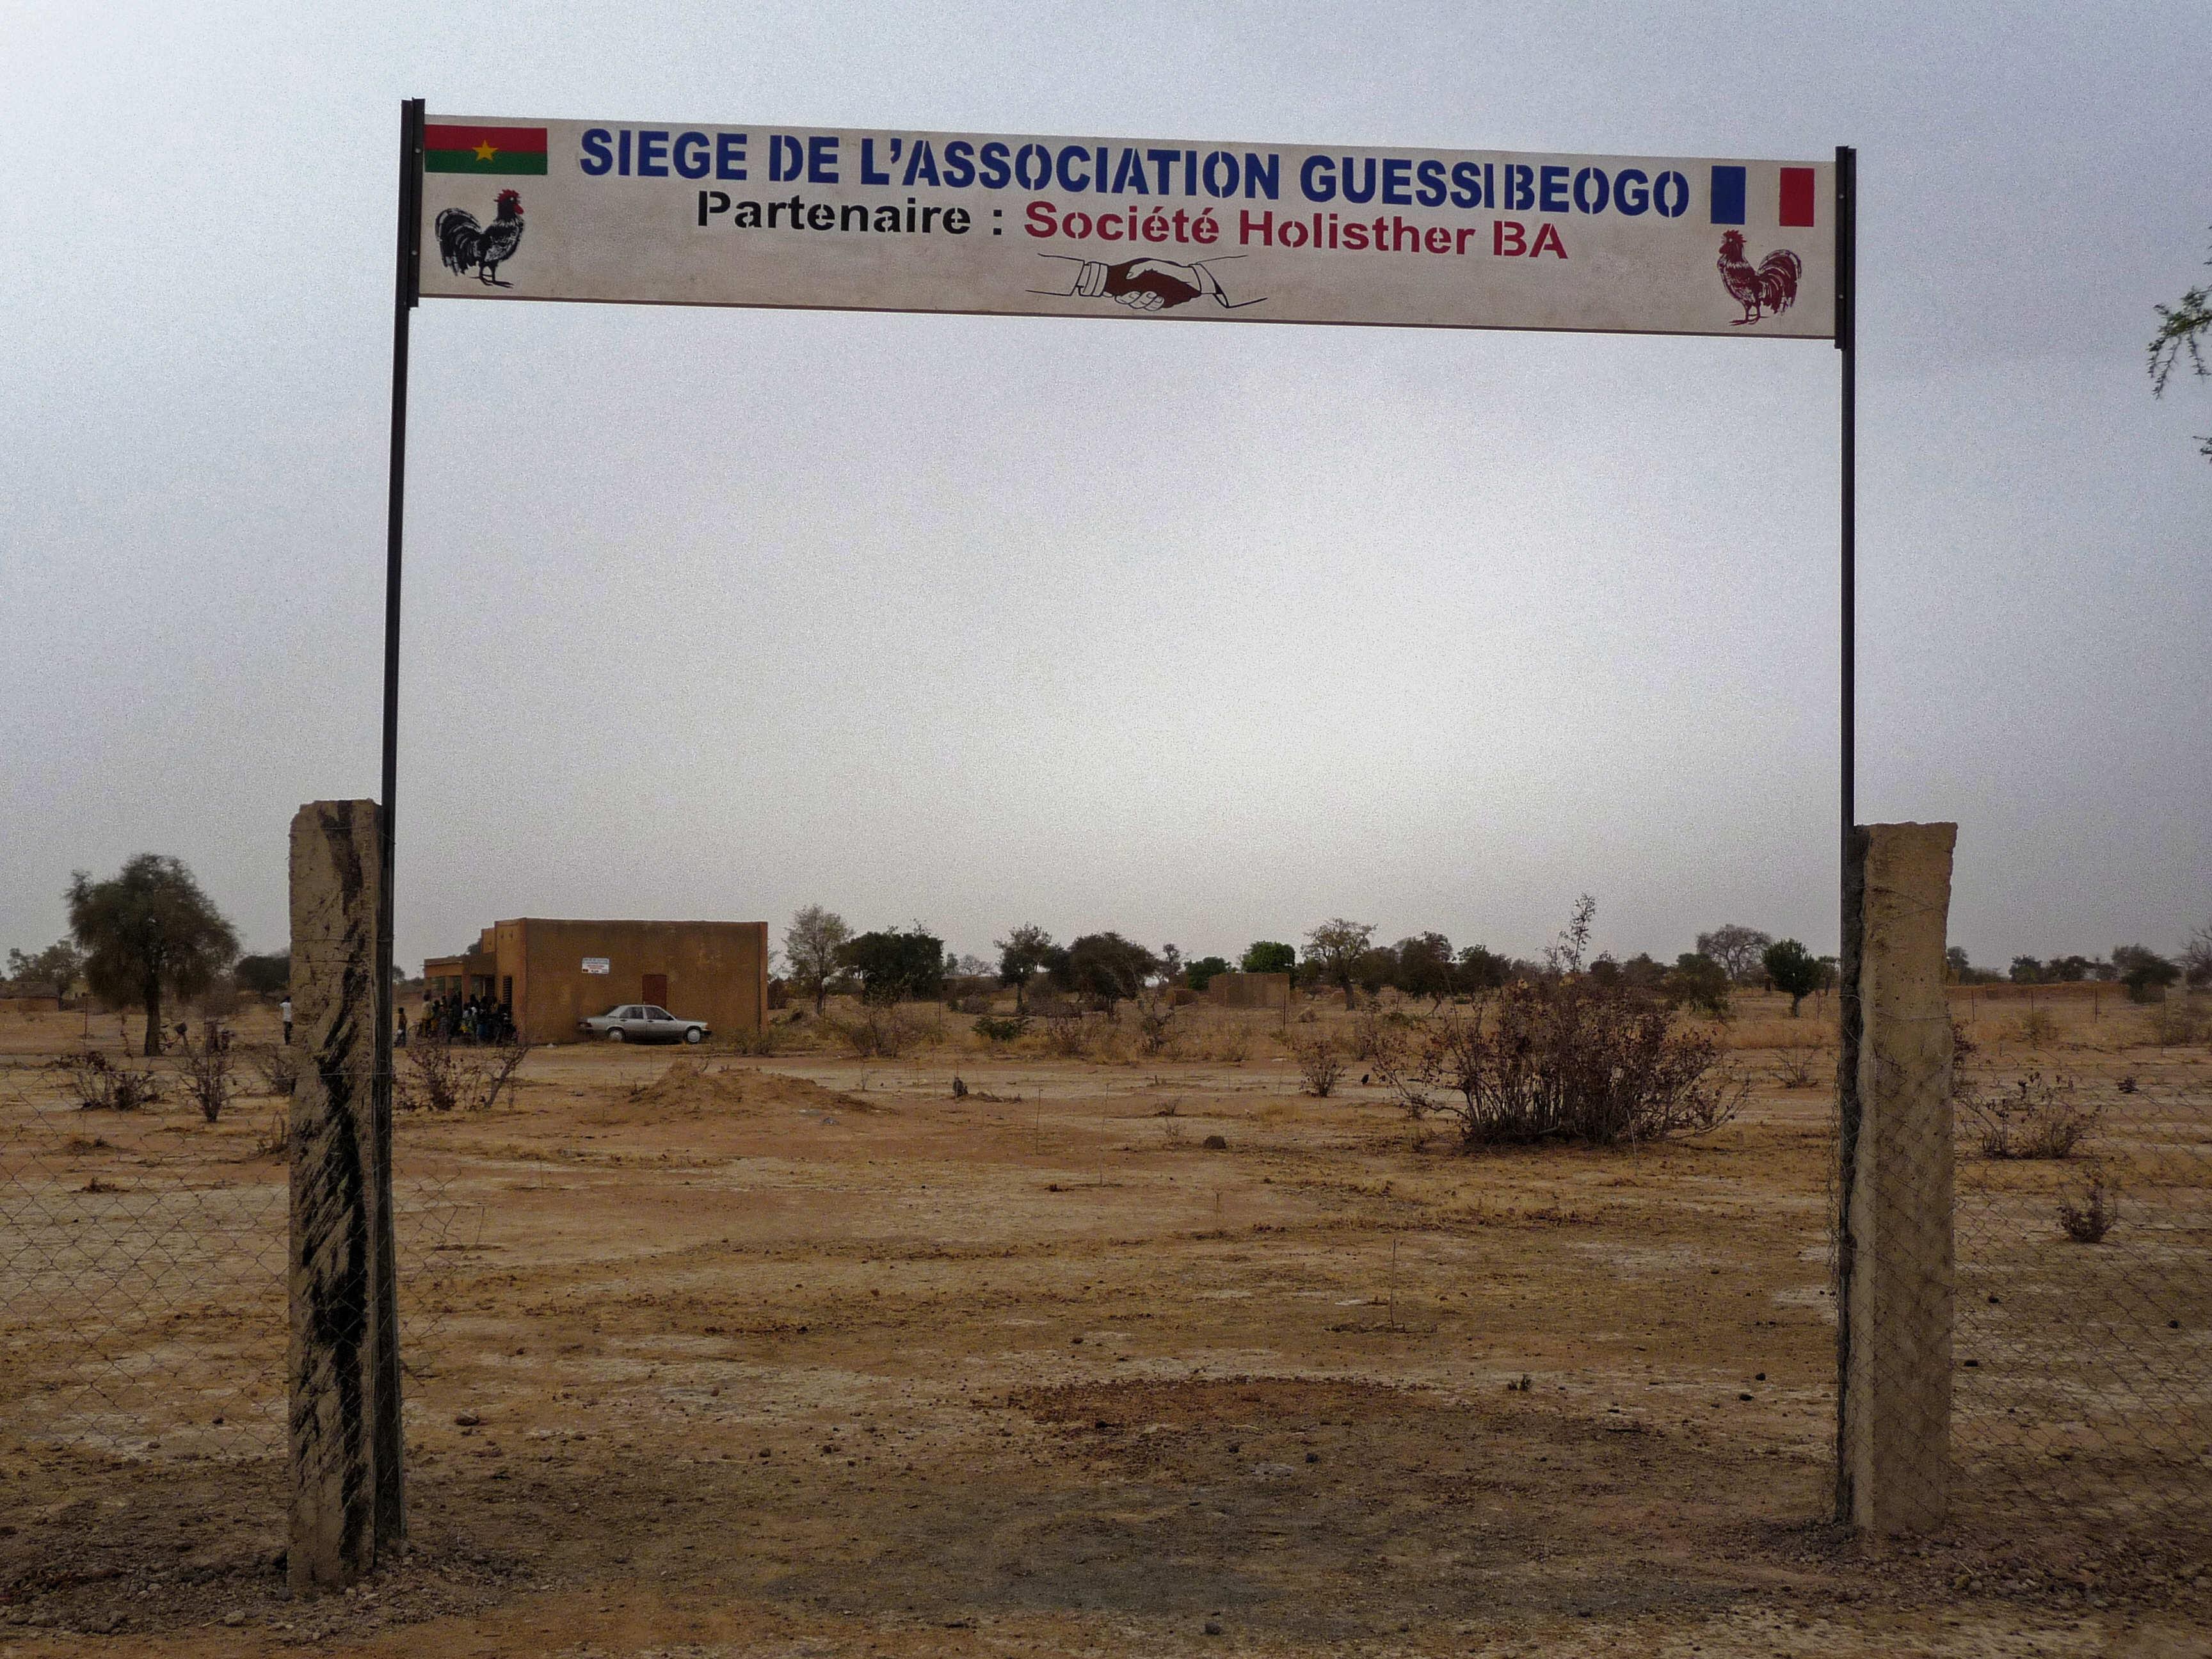 Guessibeogo